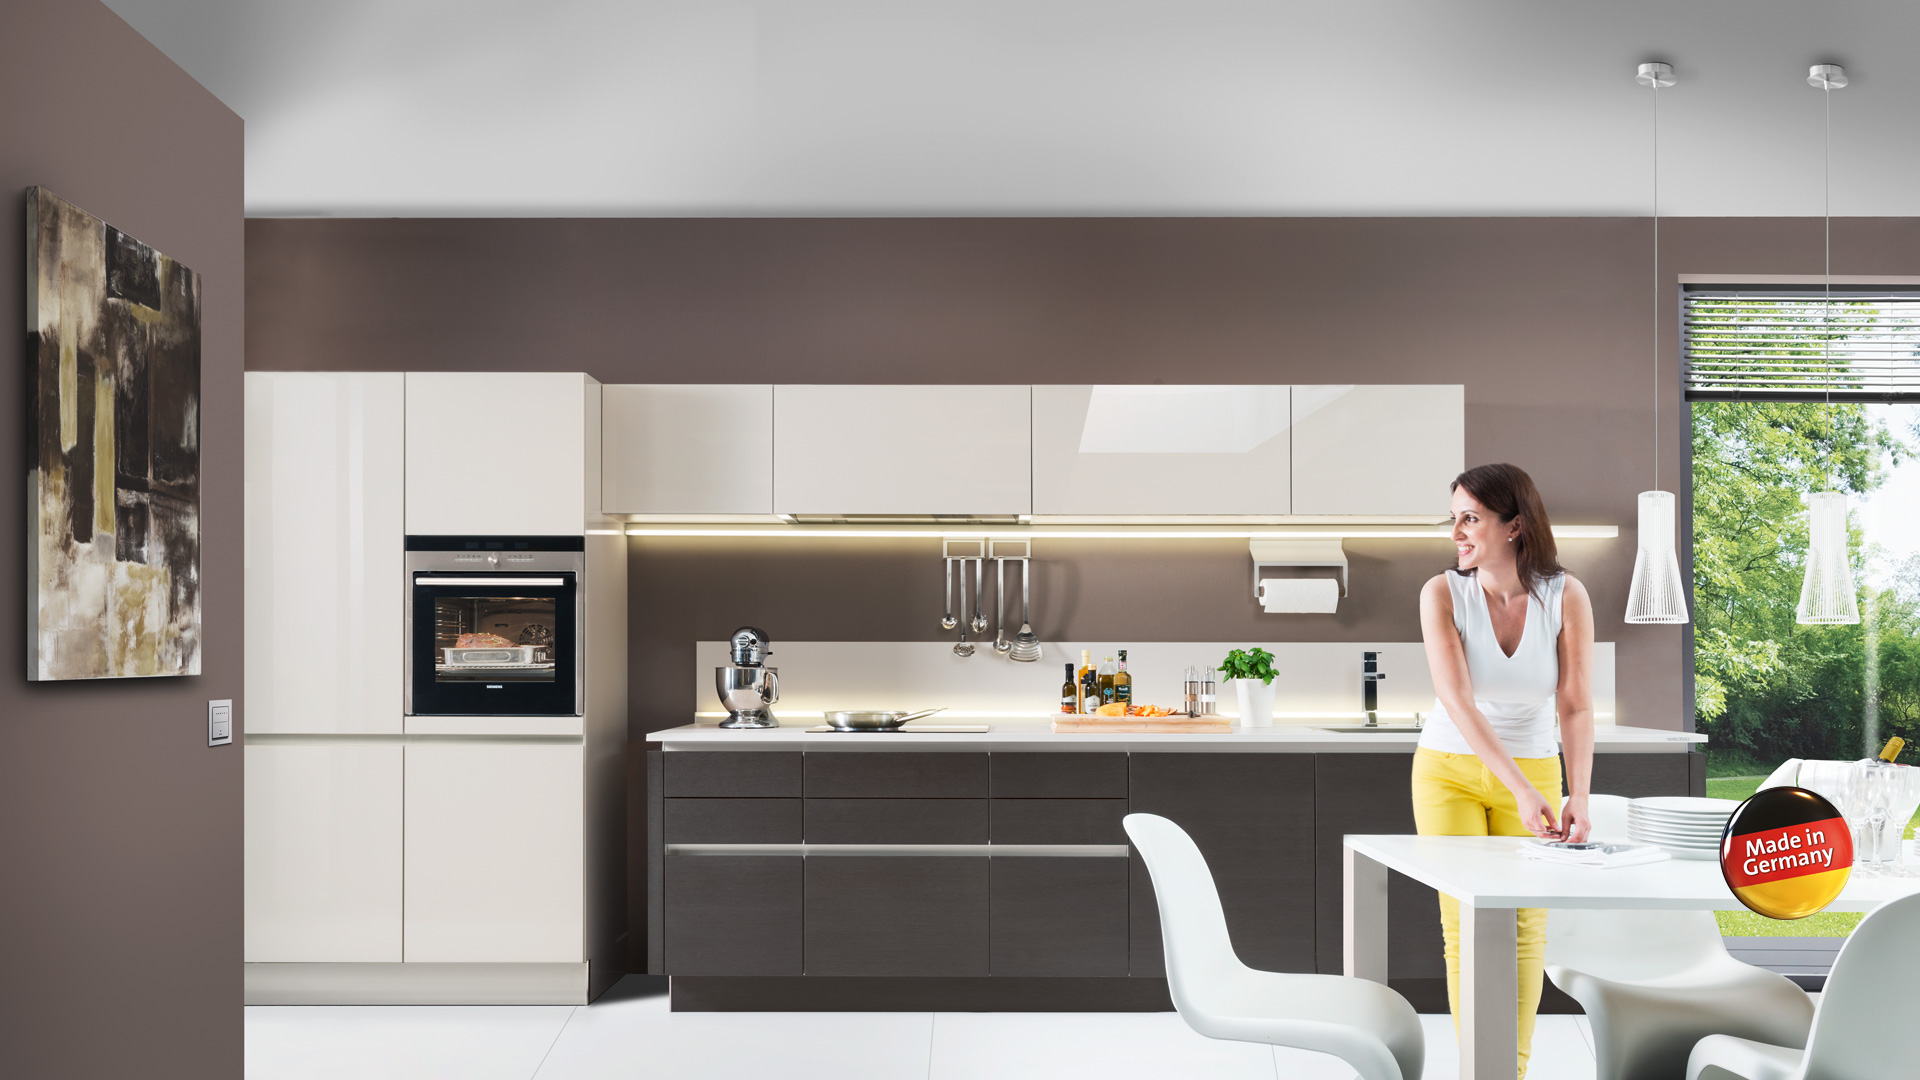 Cocinas en sevilla cocinas alemanas en sevilla with for Cocinas alemanas sevilla